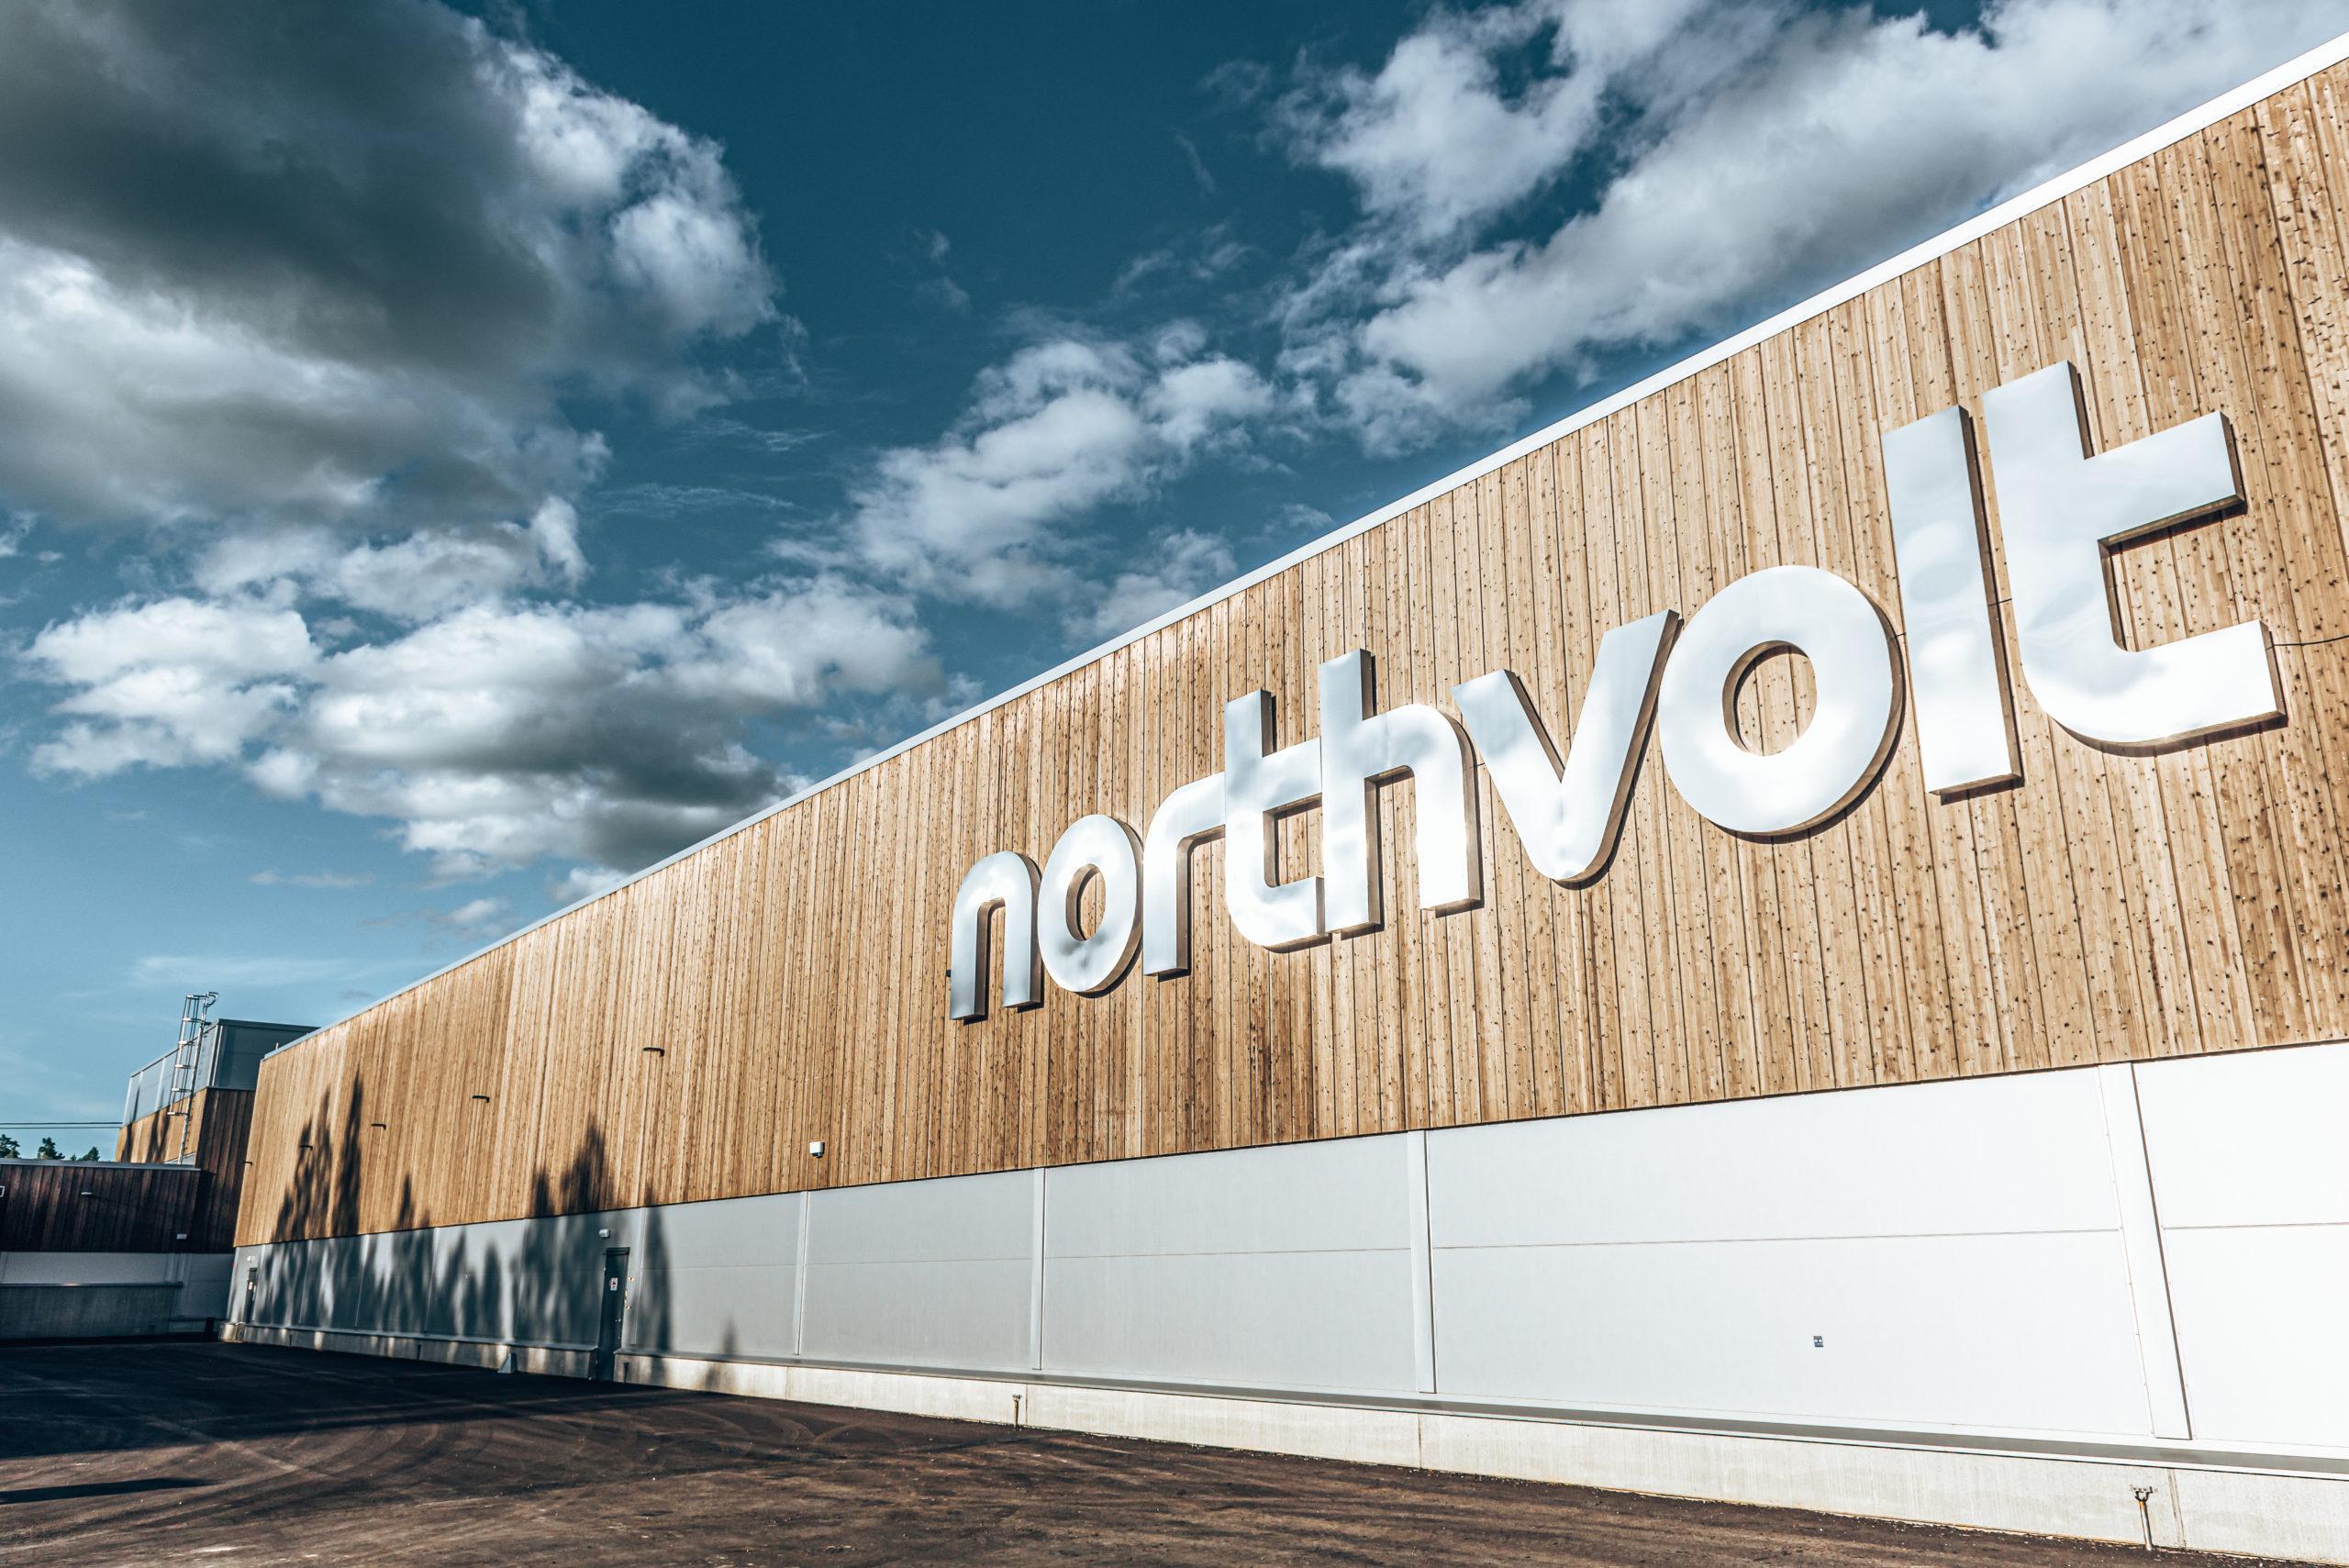 Northvolt sign on the west side of the building.